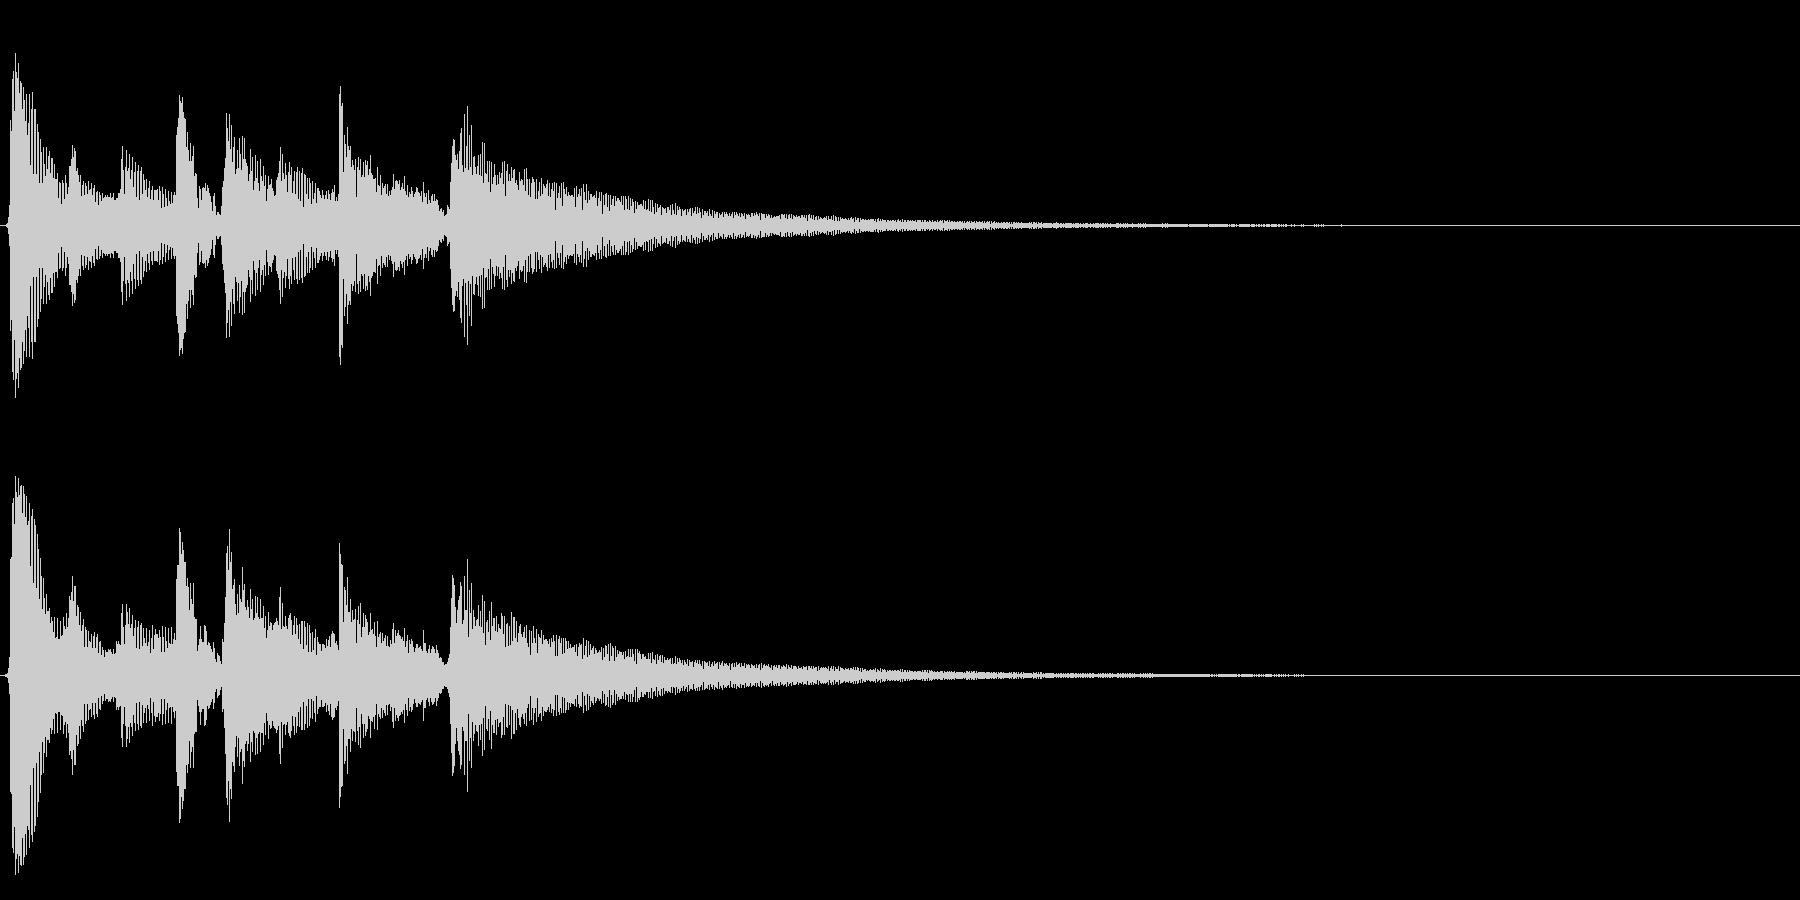 ★アコギ生音のジングル/リスタートの未再生の波形